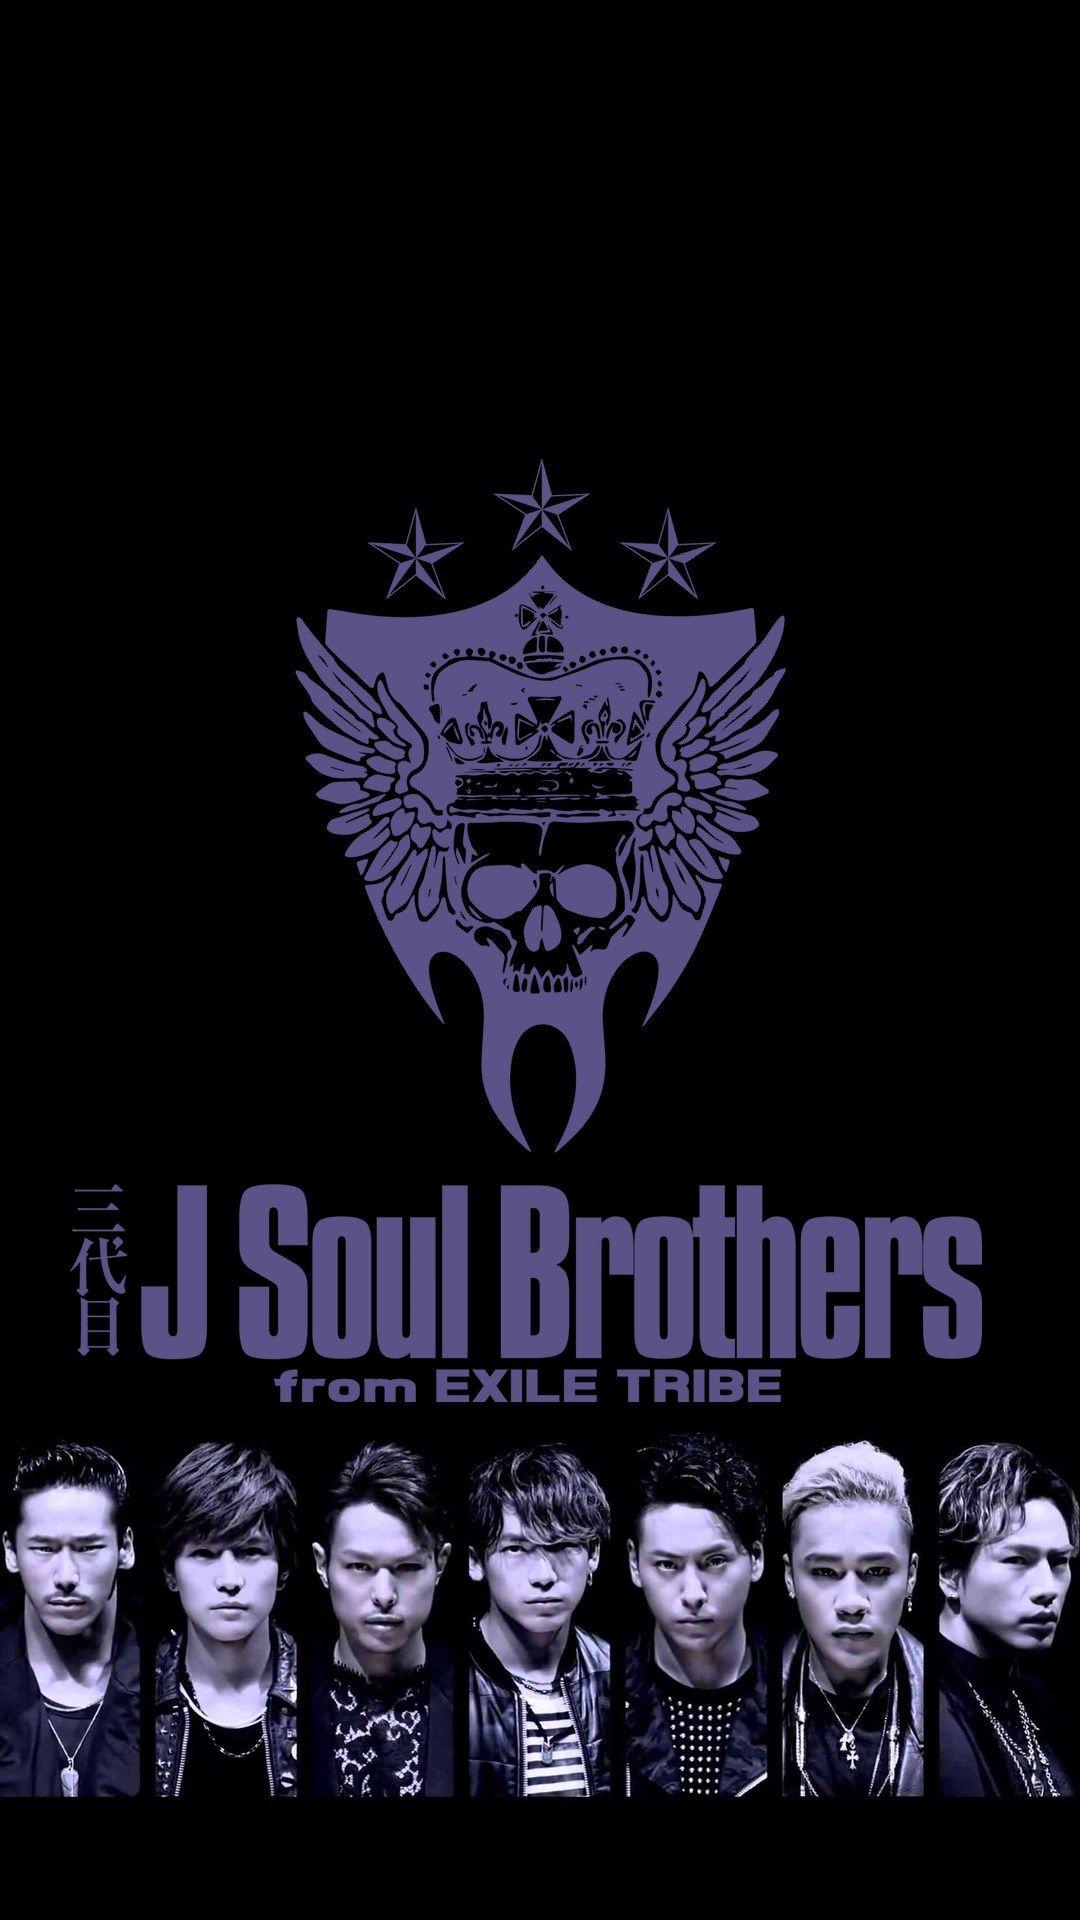 三代目 J Soul Brothers Iphone用 9 三代目j Soul Brothers 3代目j Soul Brothers 健二郎